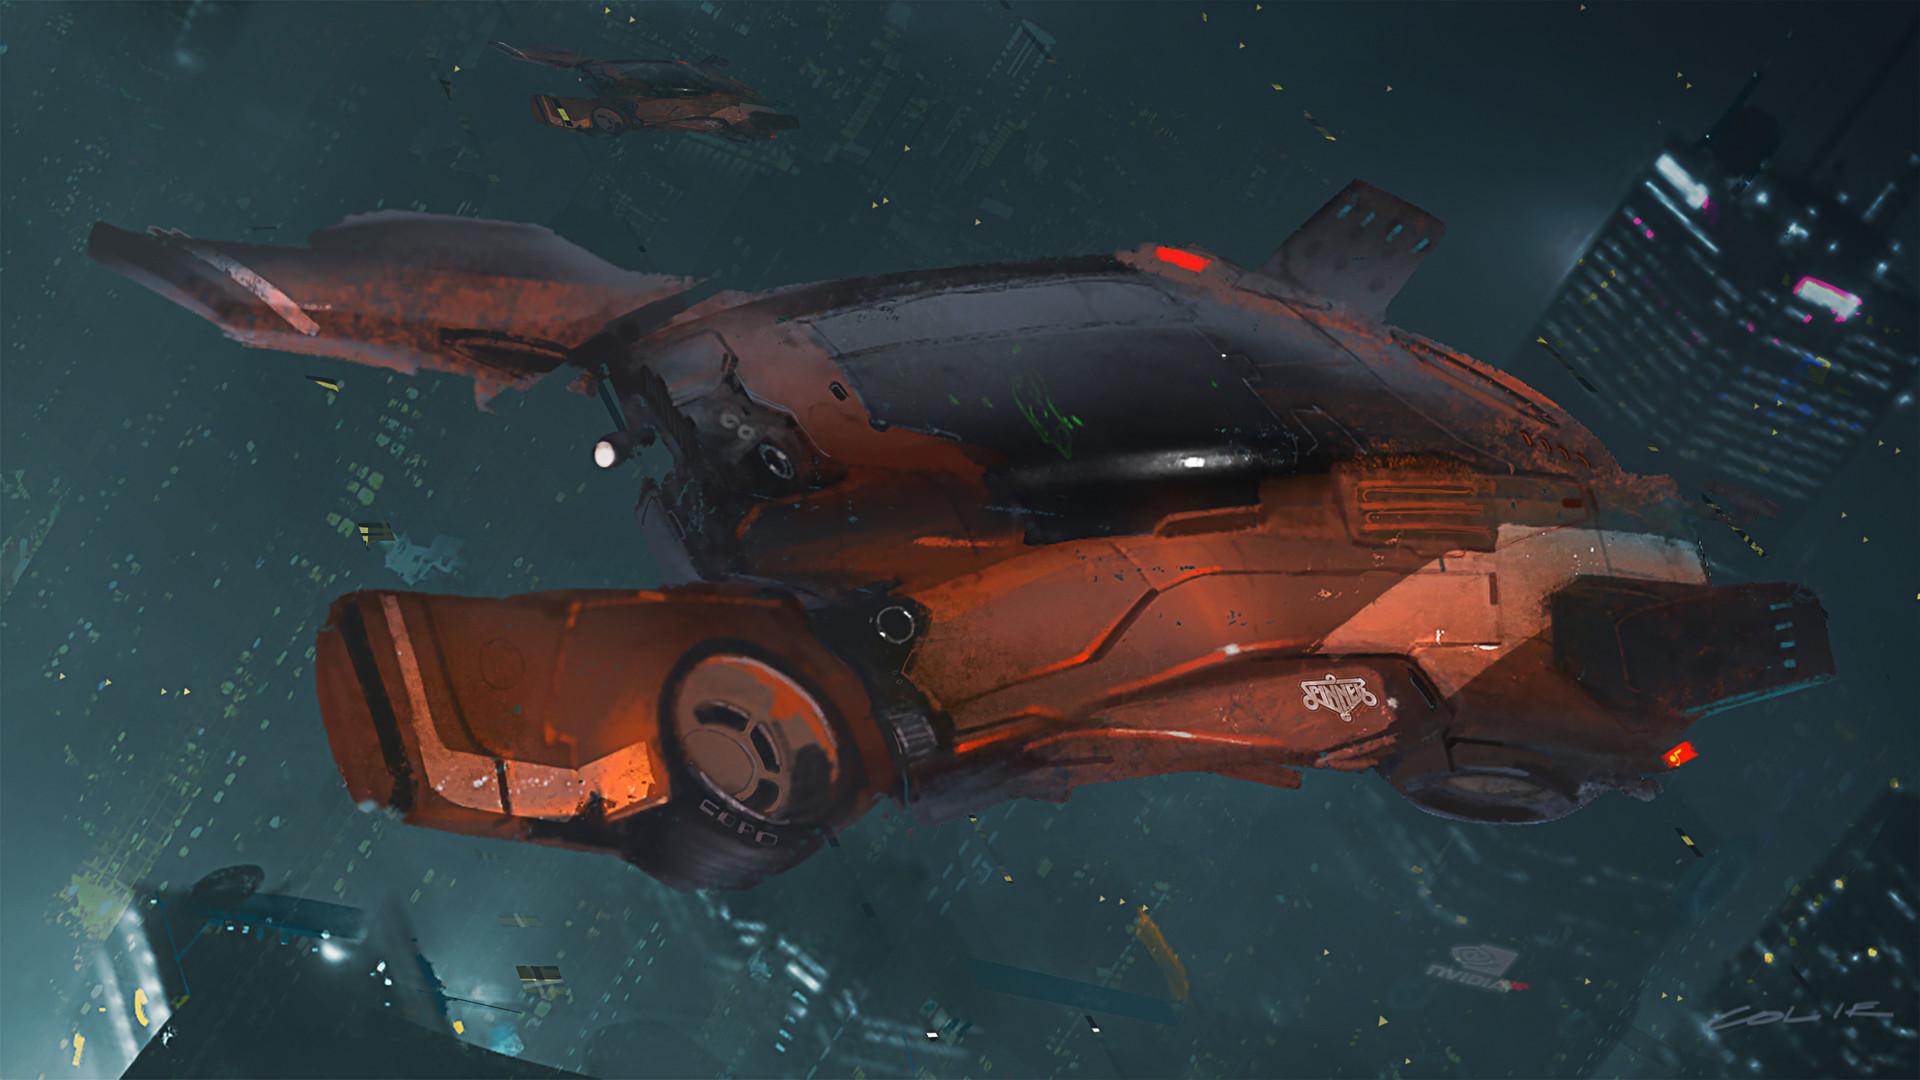 Blade-Runner-Inspired-concept-art-illust